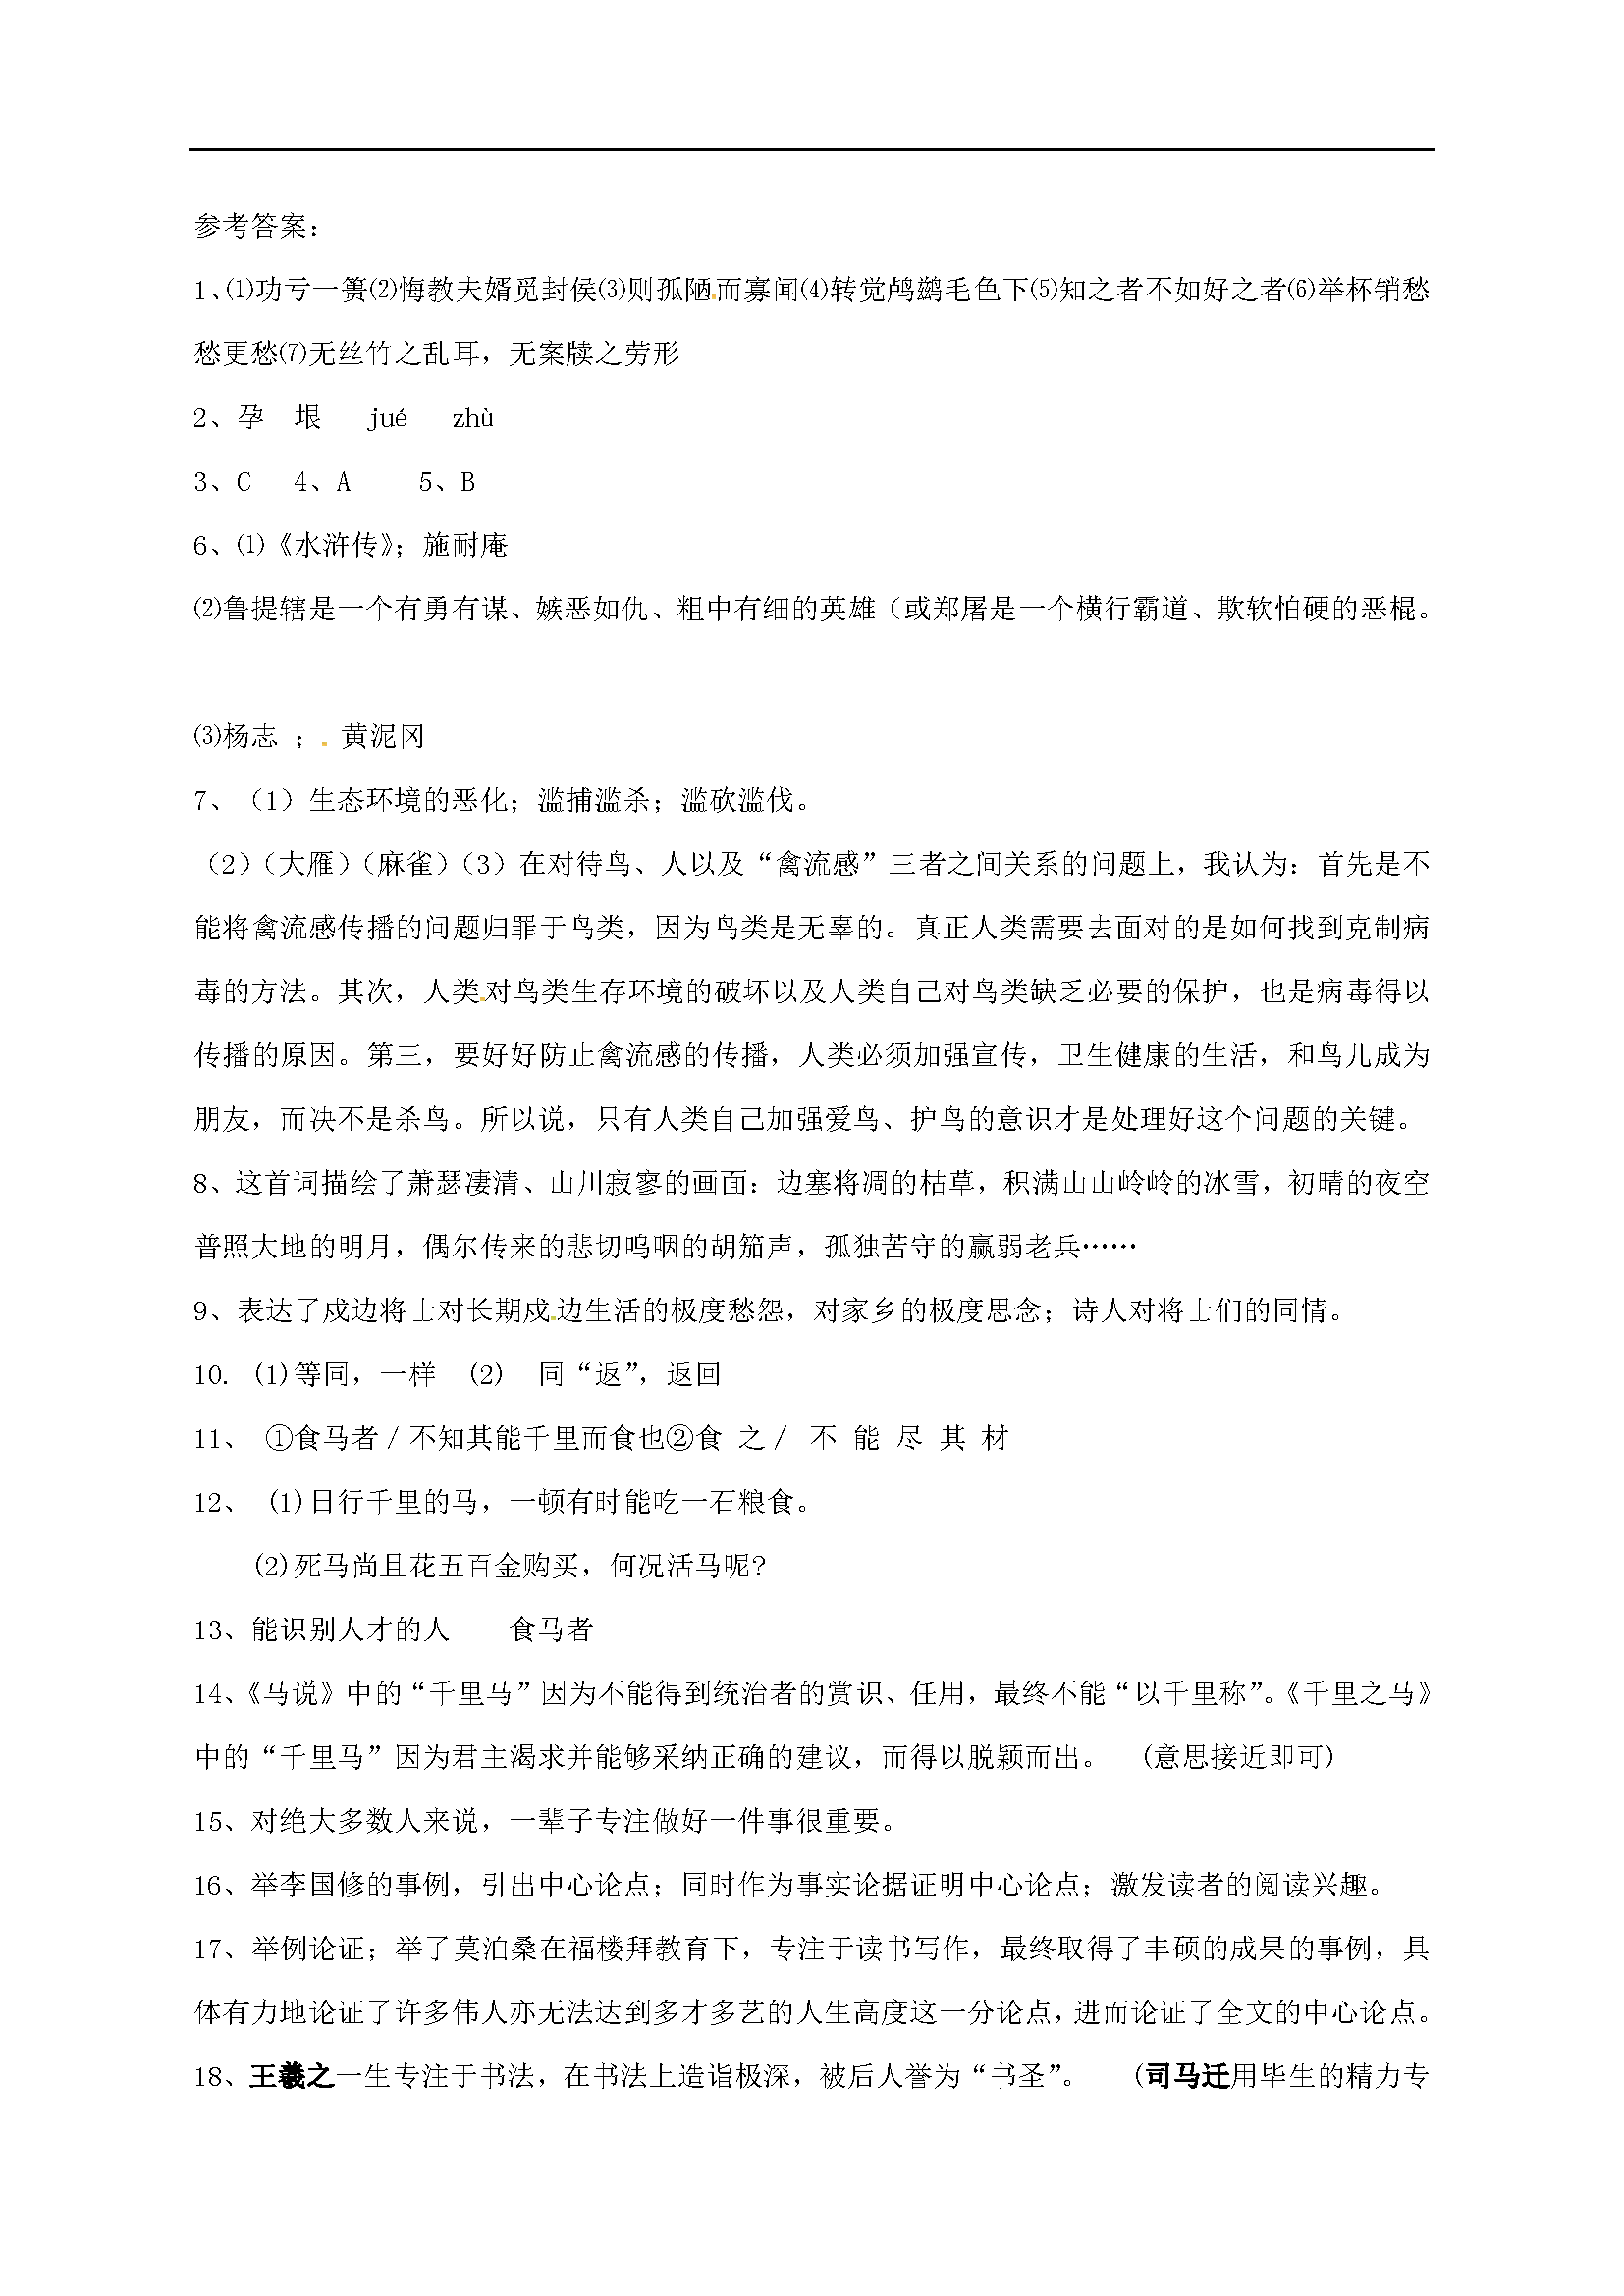 江苏盐城景山中学2016-2017八年级下第一次月考语文试题答案(图片版)